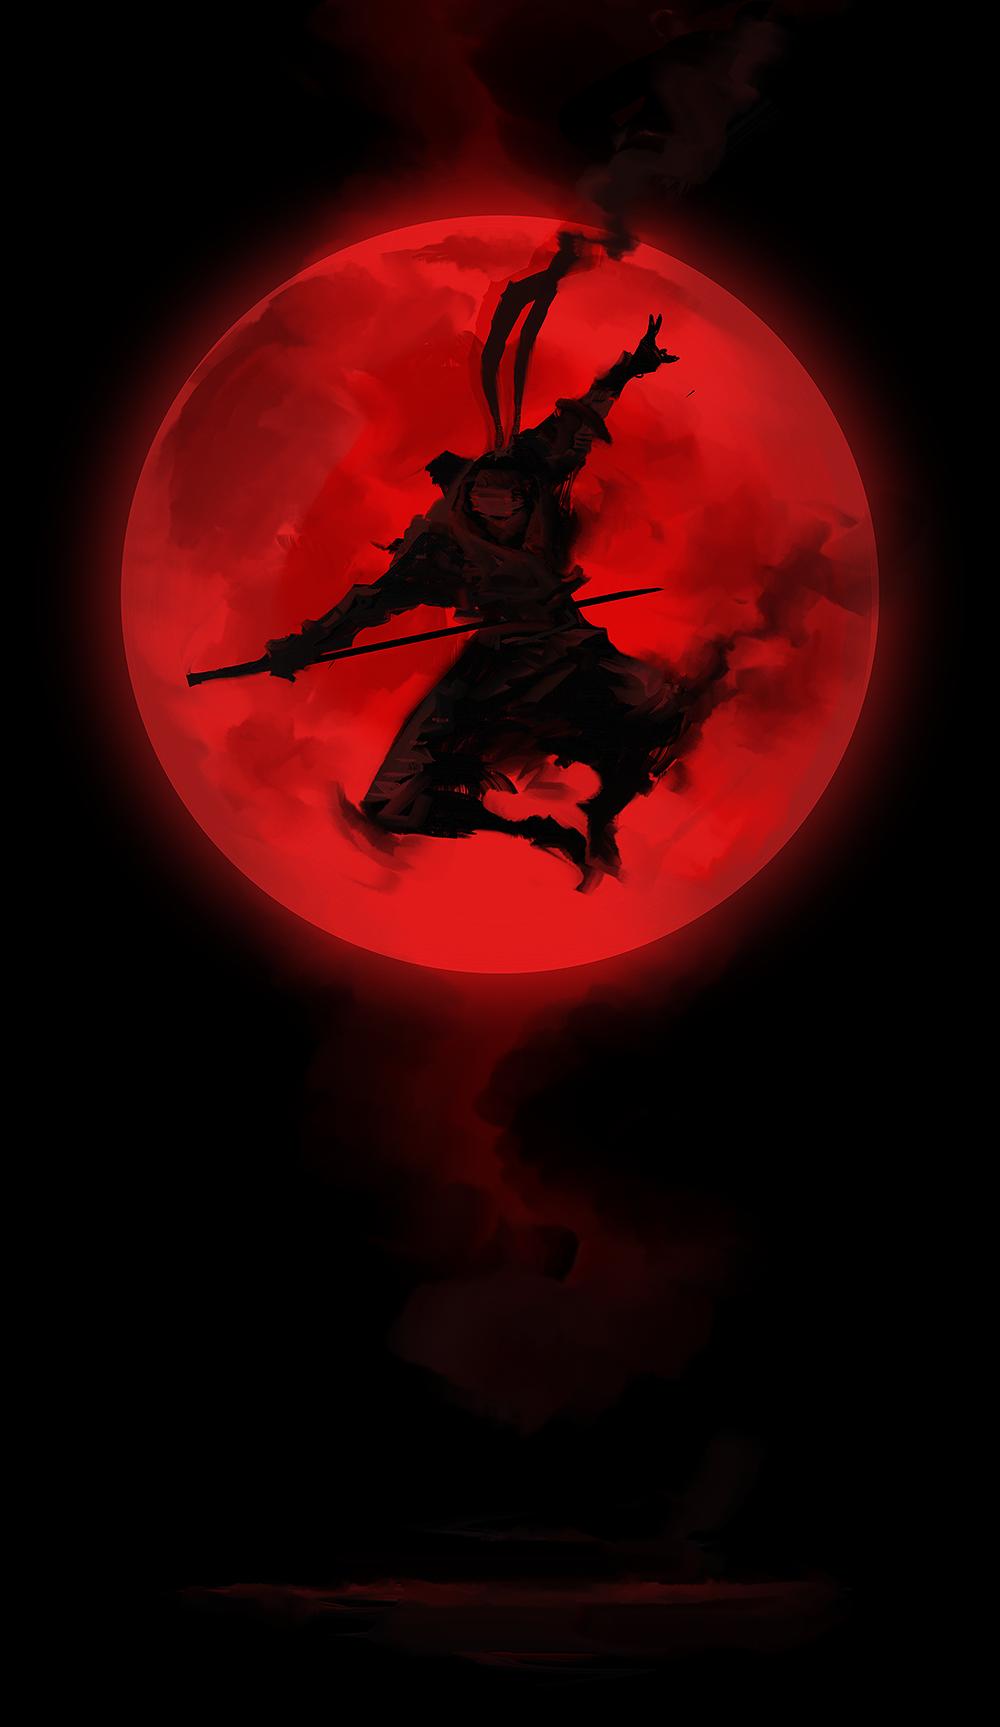 Red Moon Shinobi by cobaltplasma